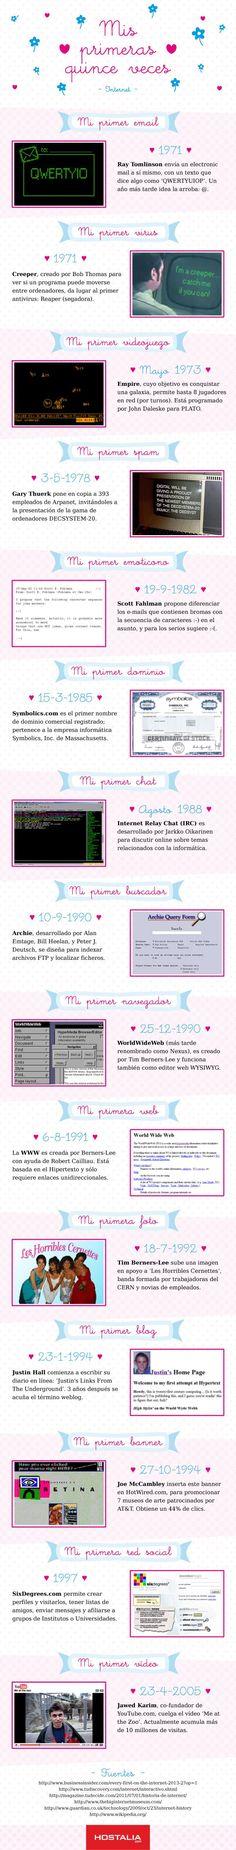 Mis primeras 15 veces (en Internet) #infografia #infographic #internet